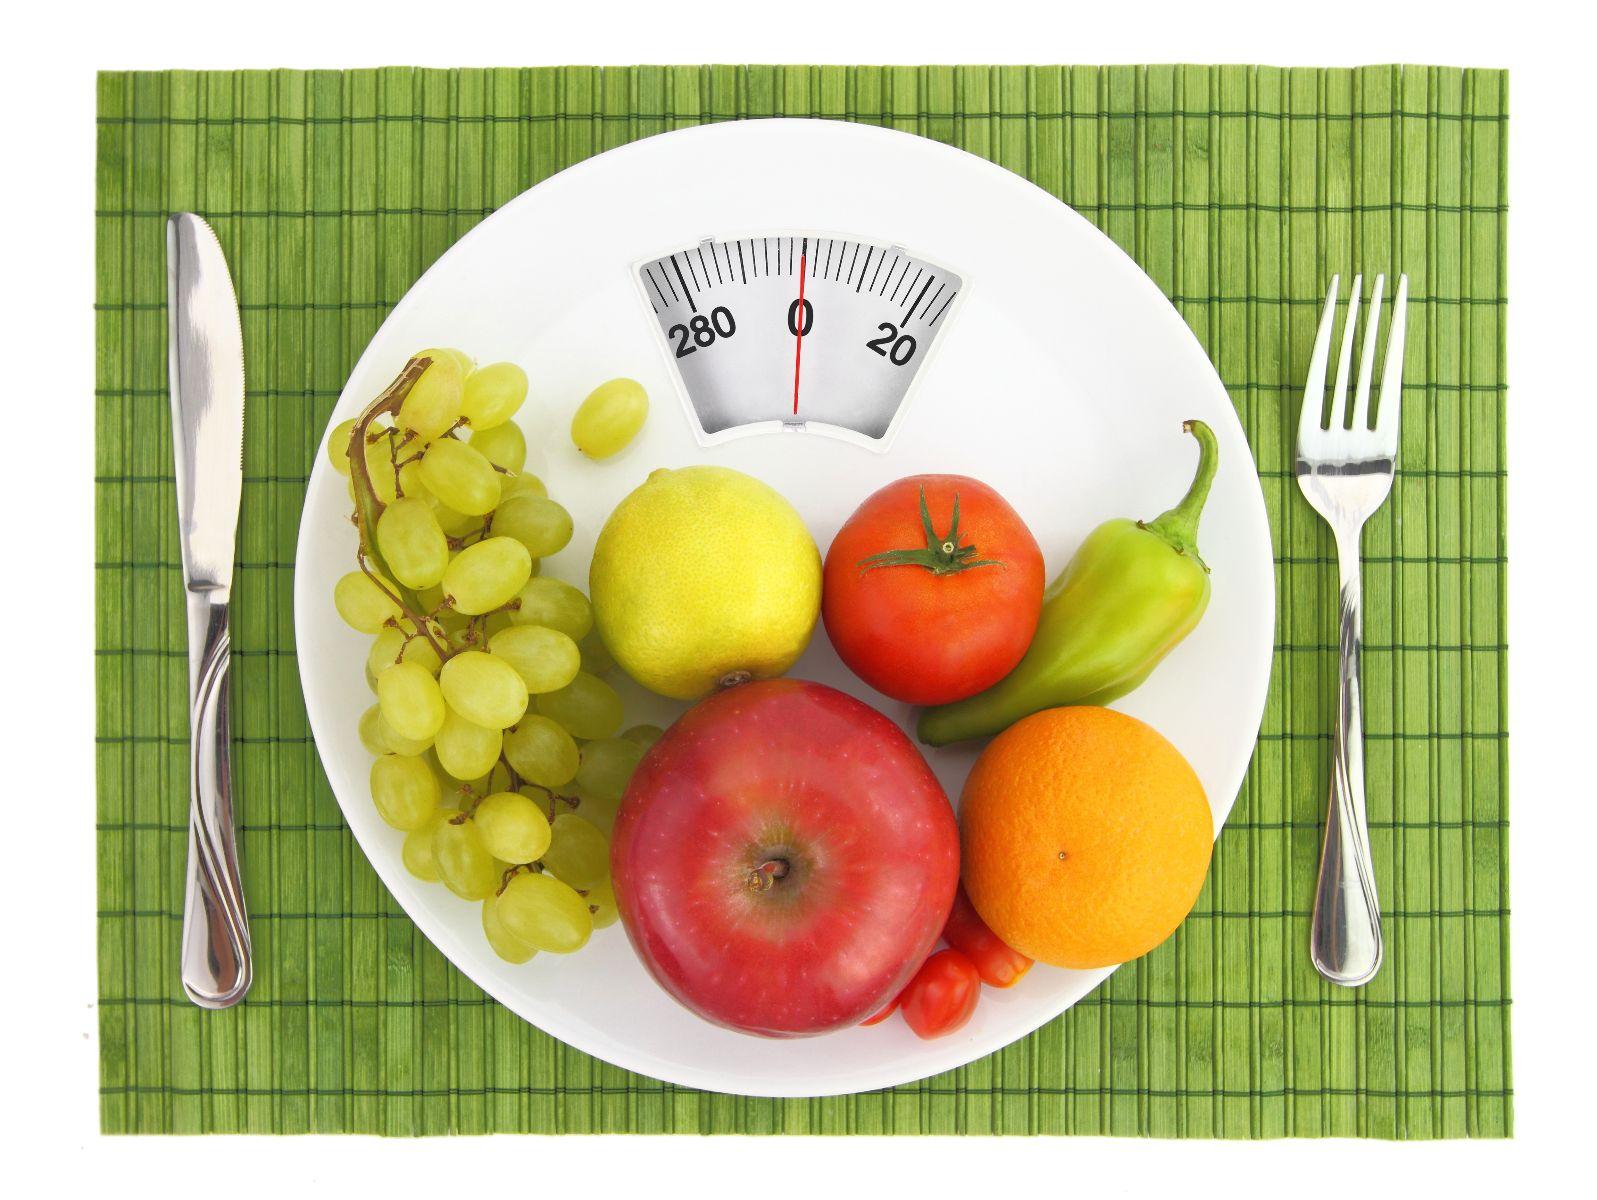 Plato con frutas y cubiertos al lado arriba de una bascula